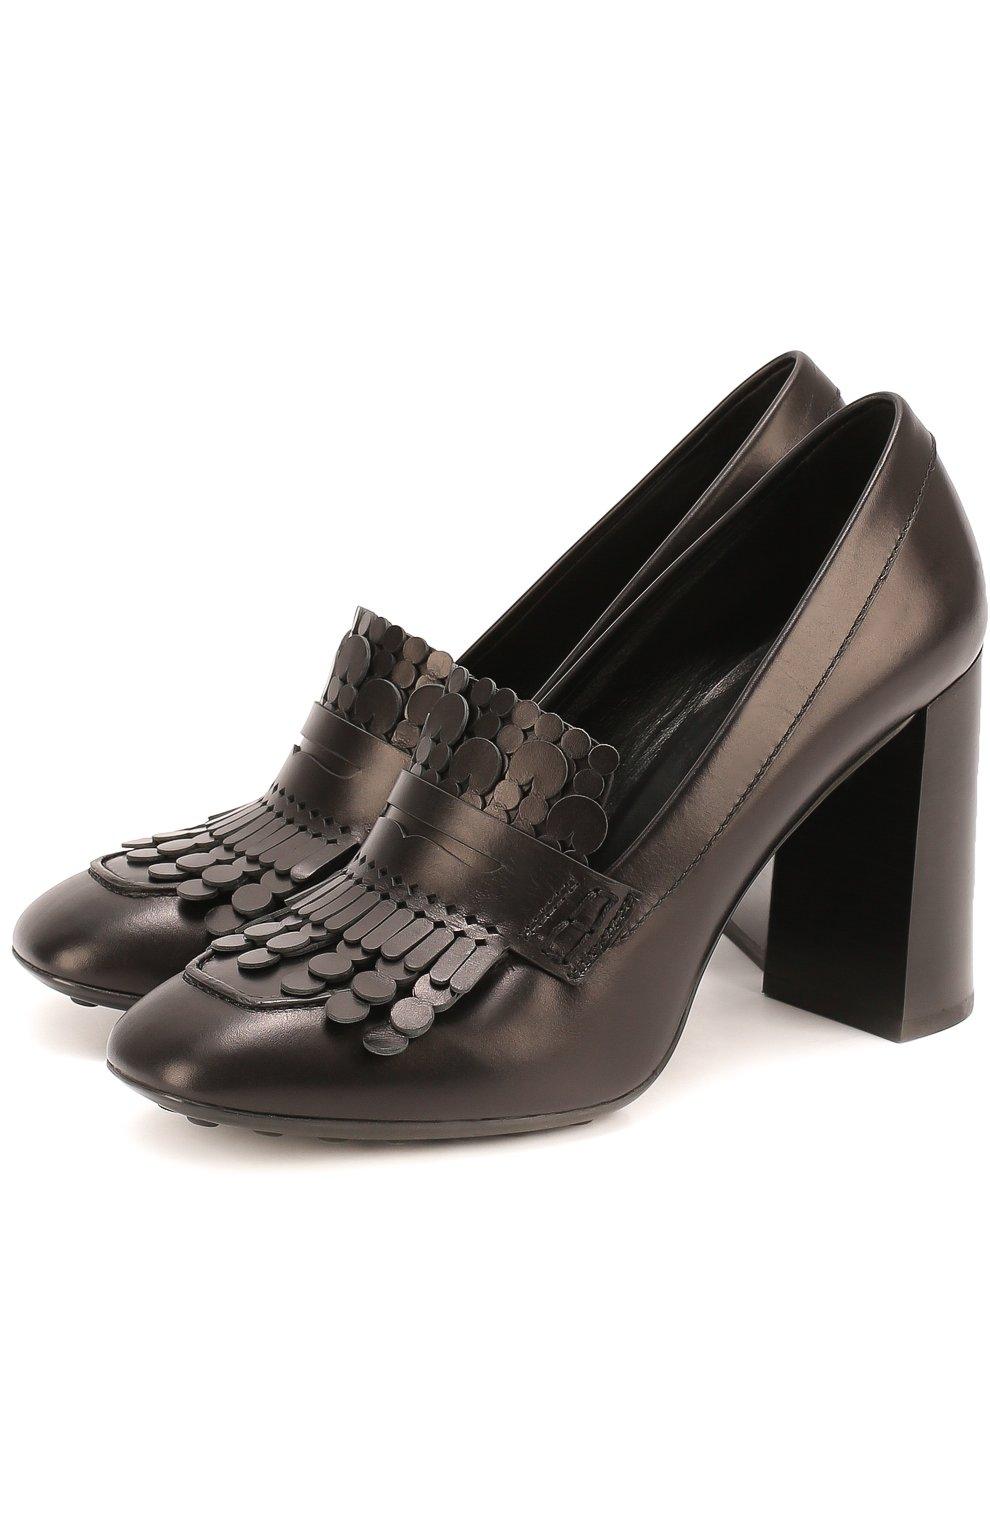 Кожаные туфли Gomma с бахромой | Фото №1